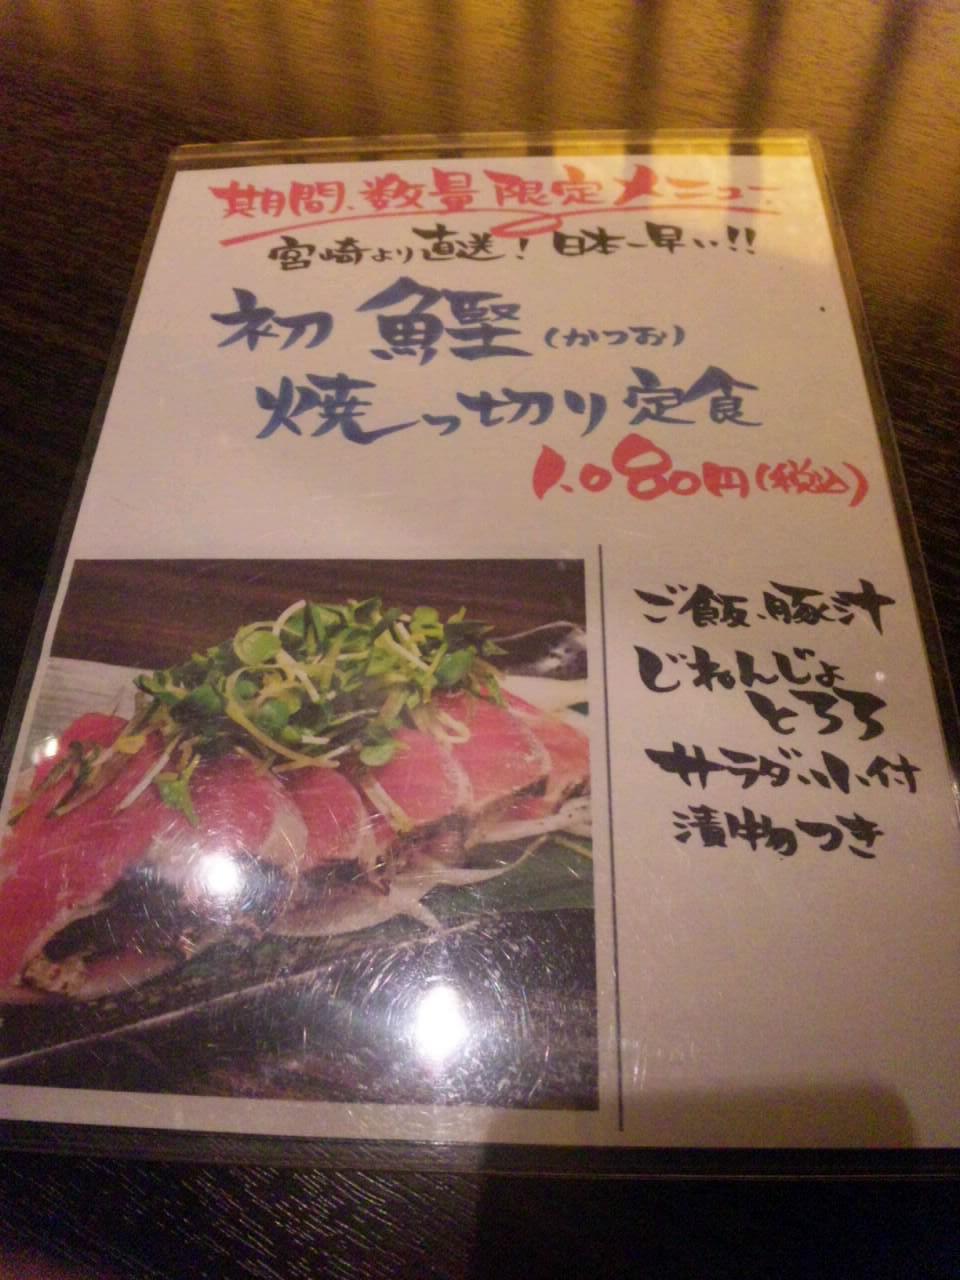 豚しゃぶしゃぶ・炭火焼 座和めき 浜松町